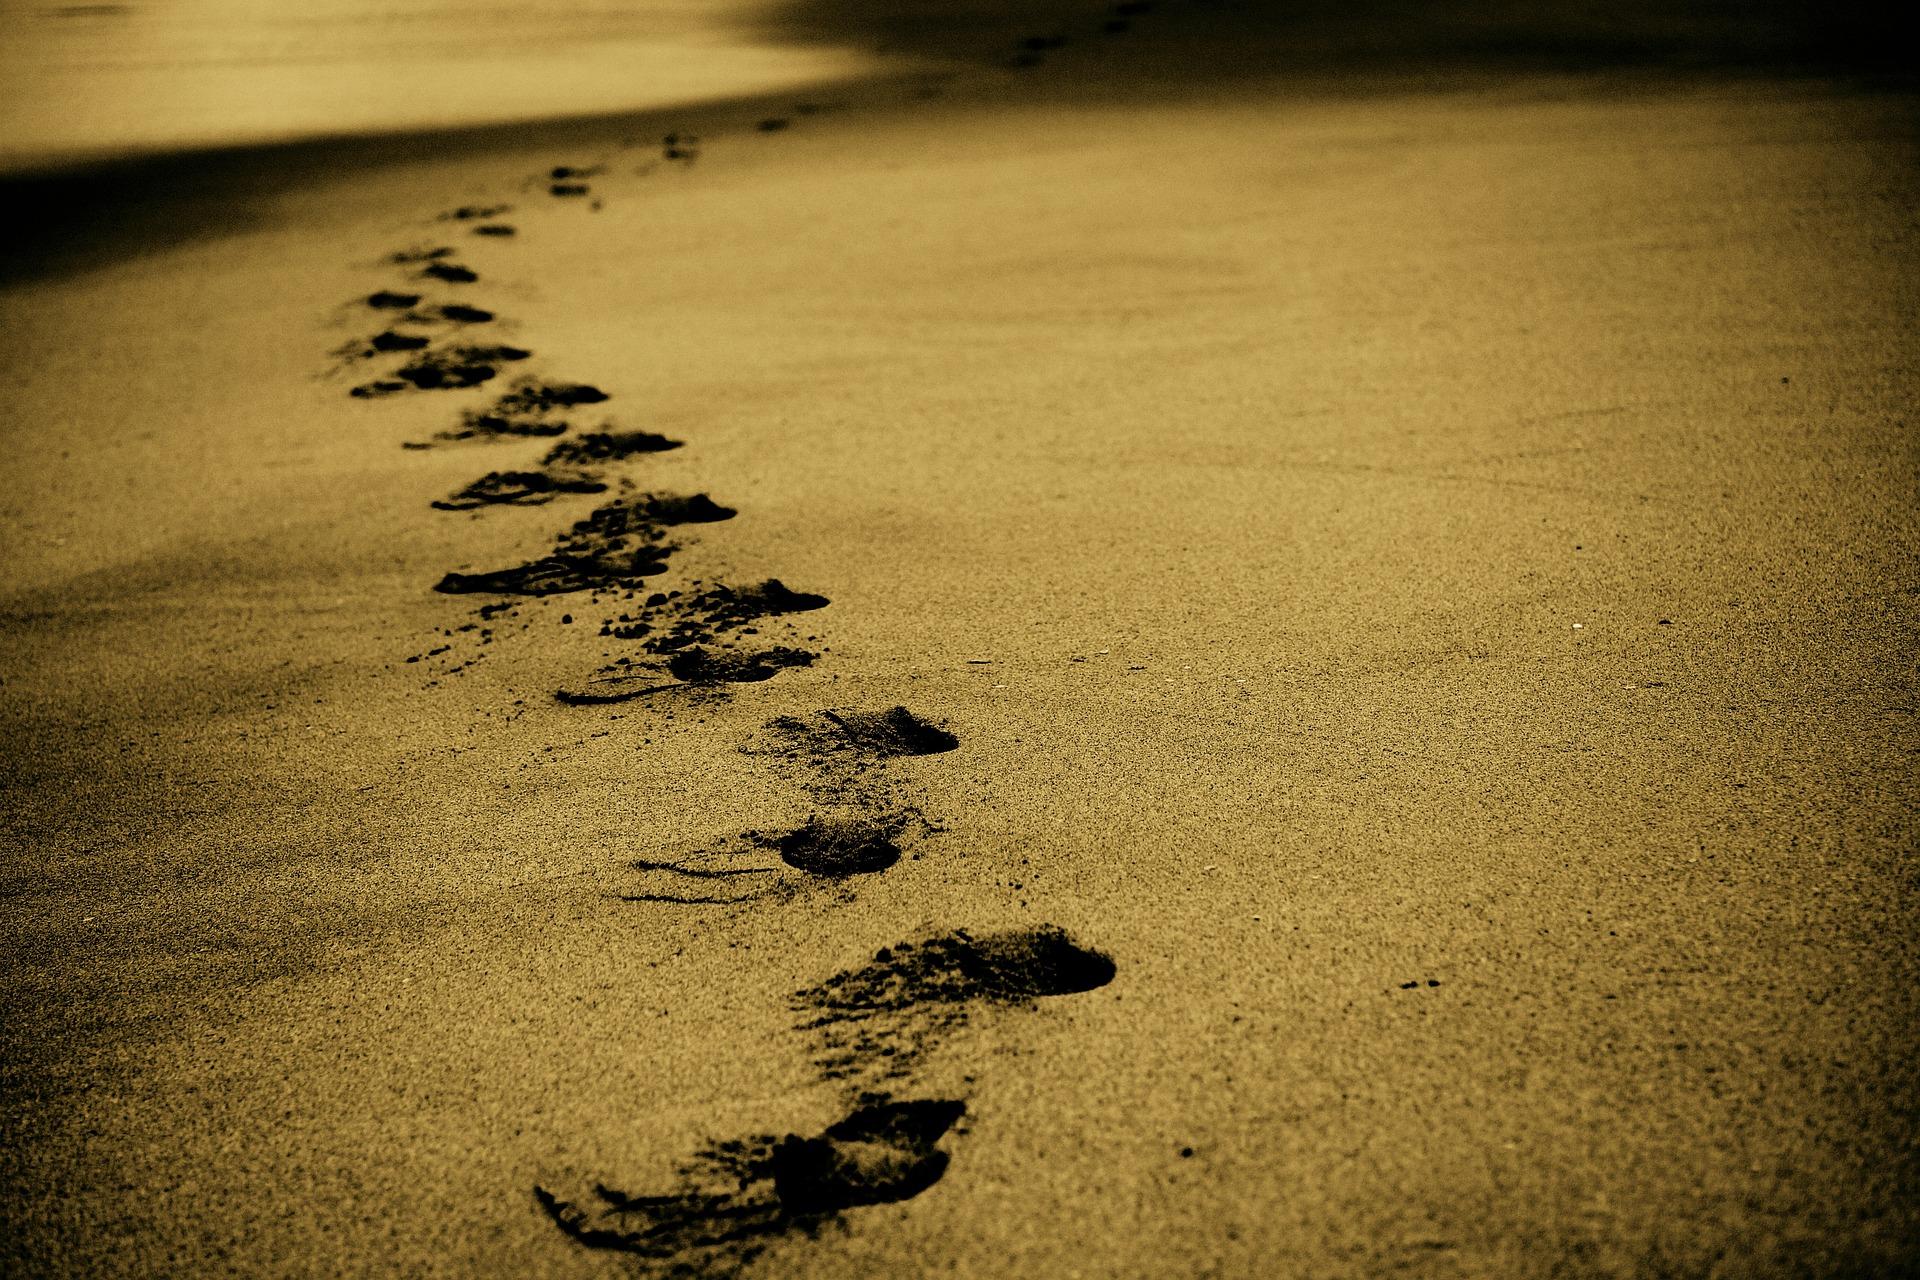 camino de huellas metafora de autonomía personal